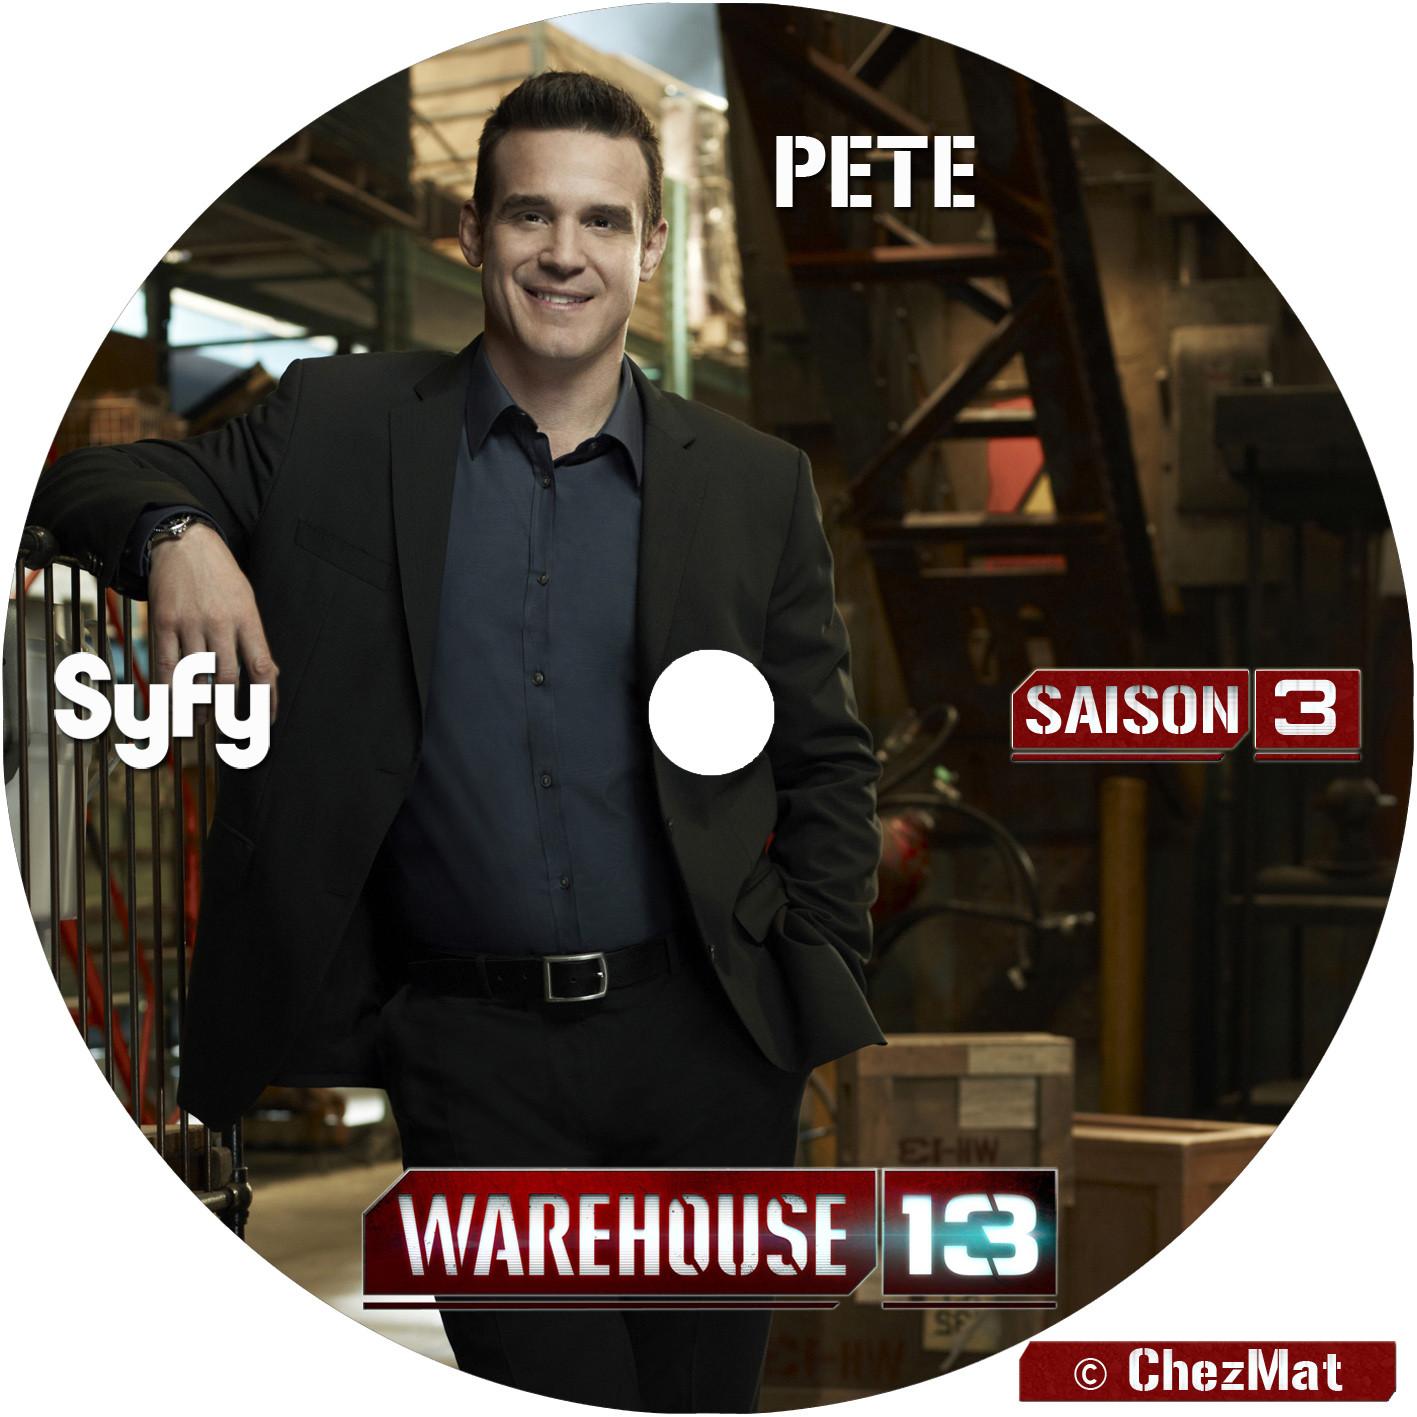 Warehouse 13: Season 3